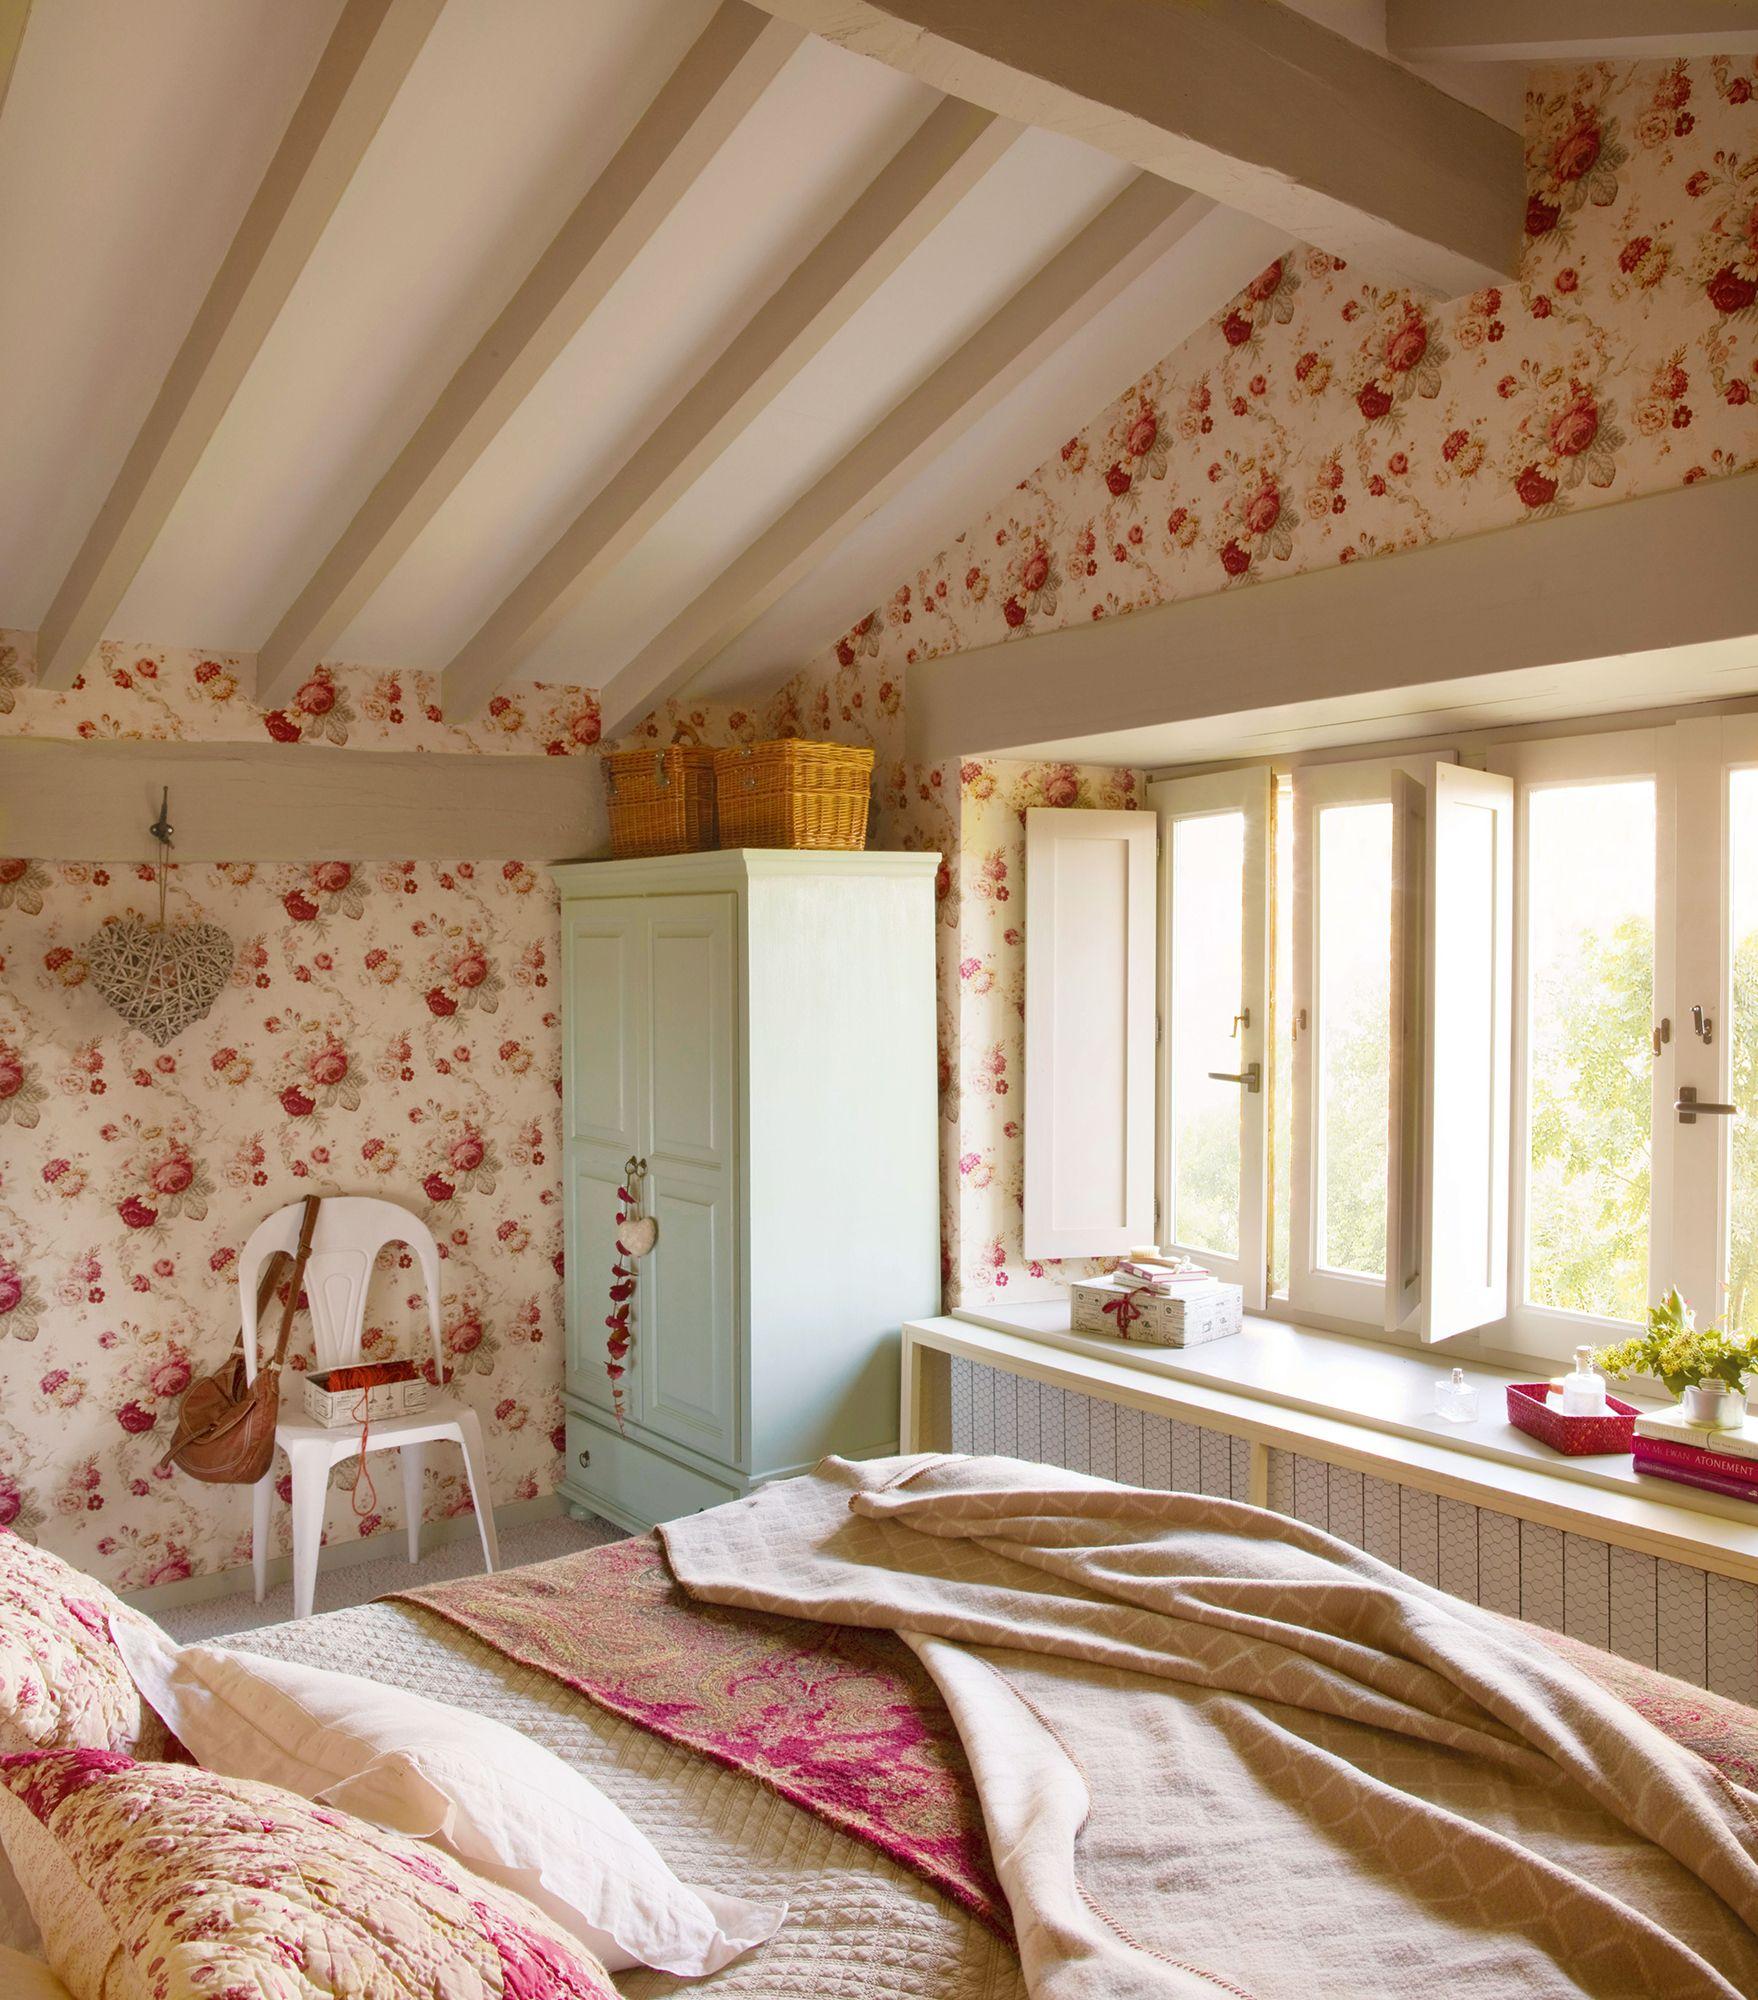 00332904 Dormitorio Campestre Con Gran Ventanal A Pie De Cama